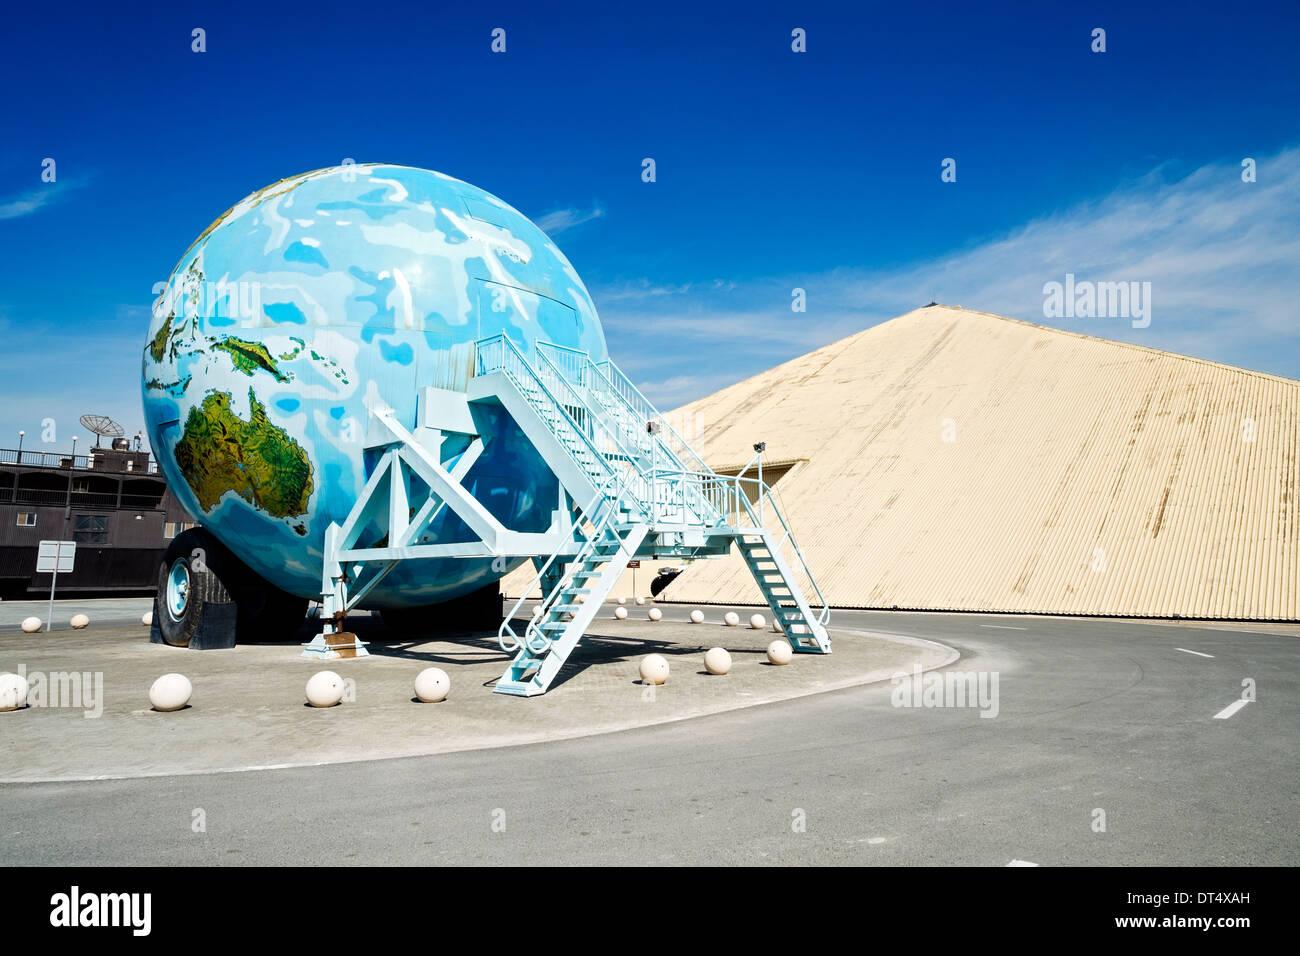 Pyramide geformt Emirates National Auto Museum mit Erde geformte große Karawane außerhalb Abu Dhabi, Vereinigte Arabische Emirate Stockbild